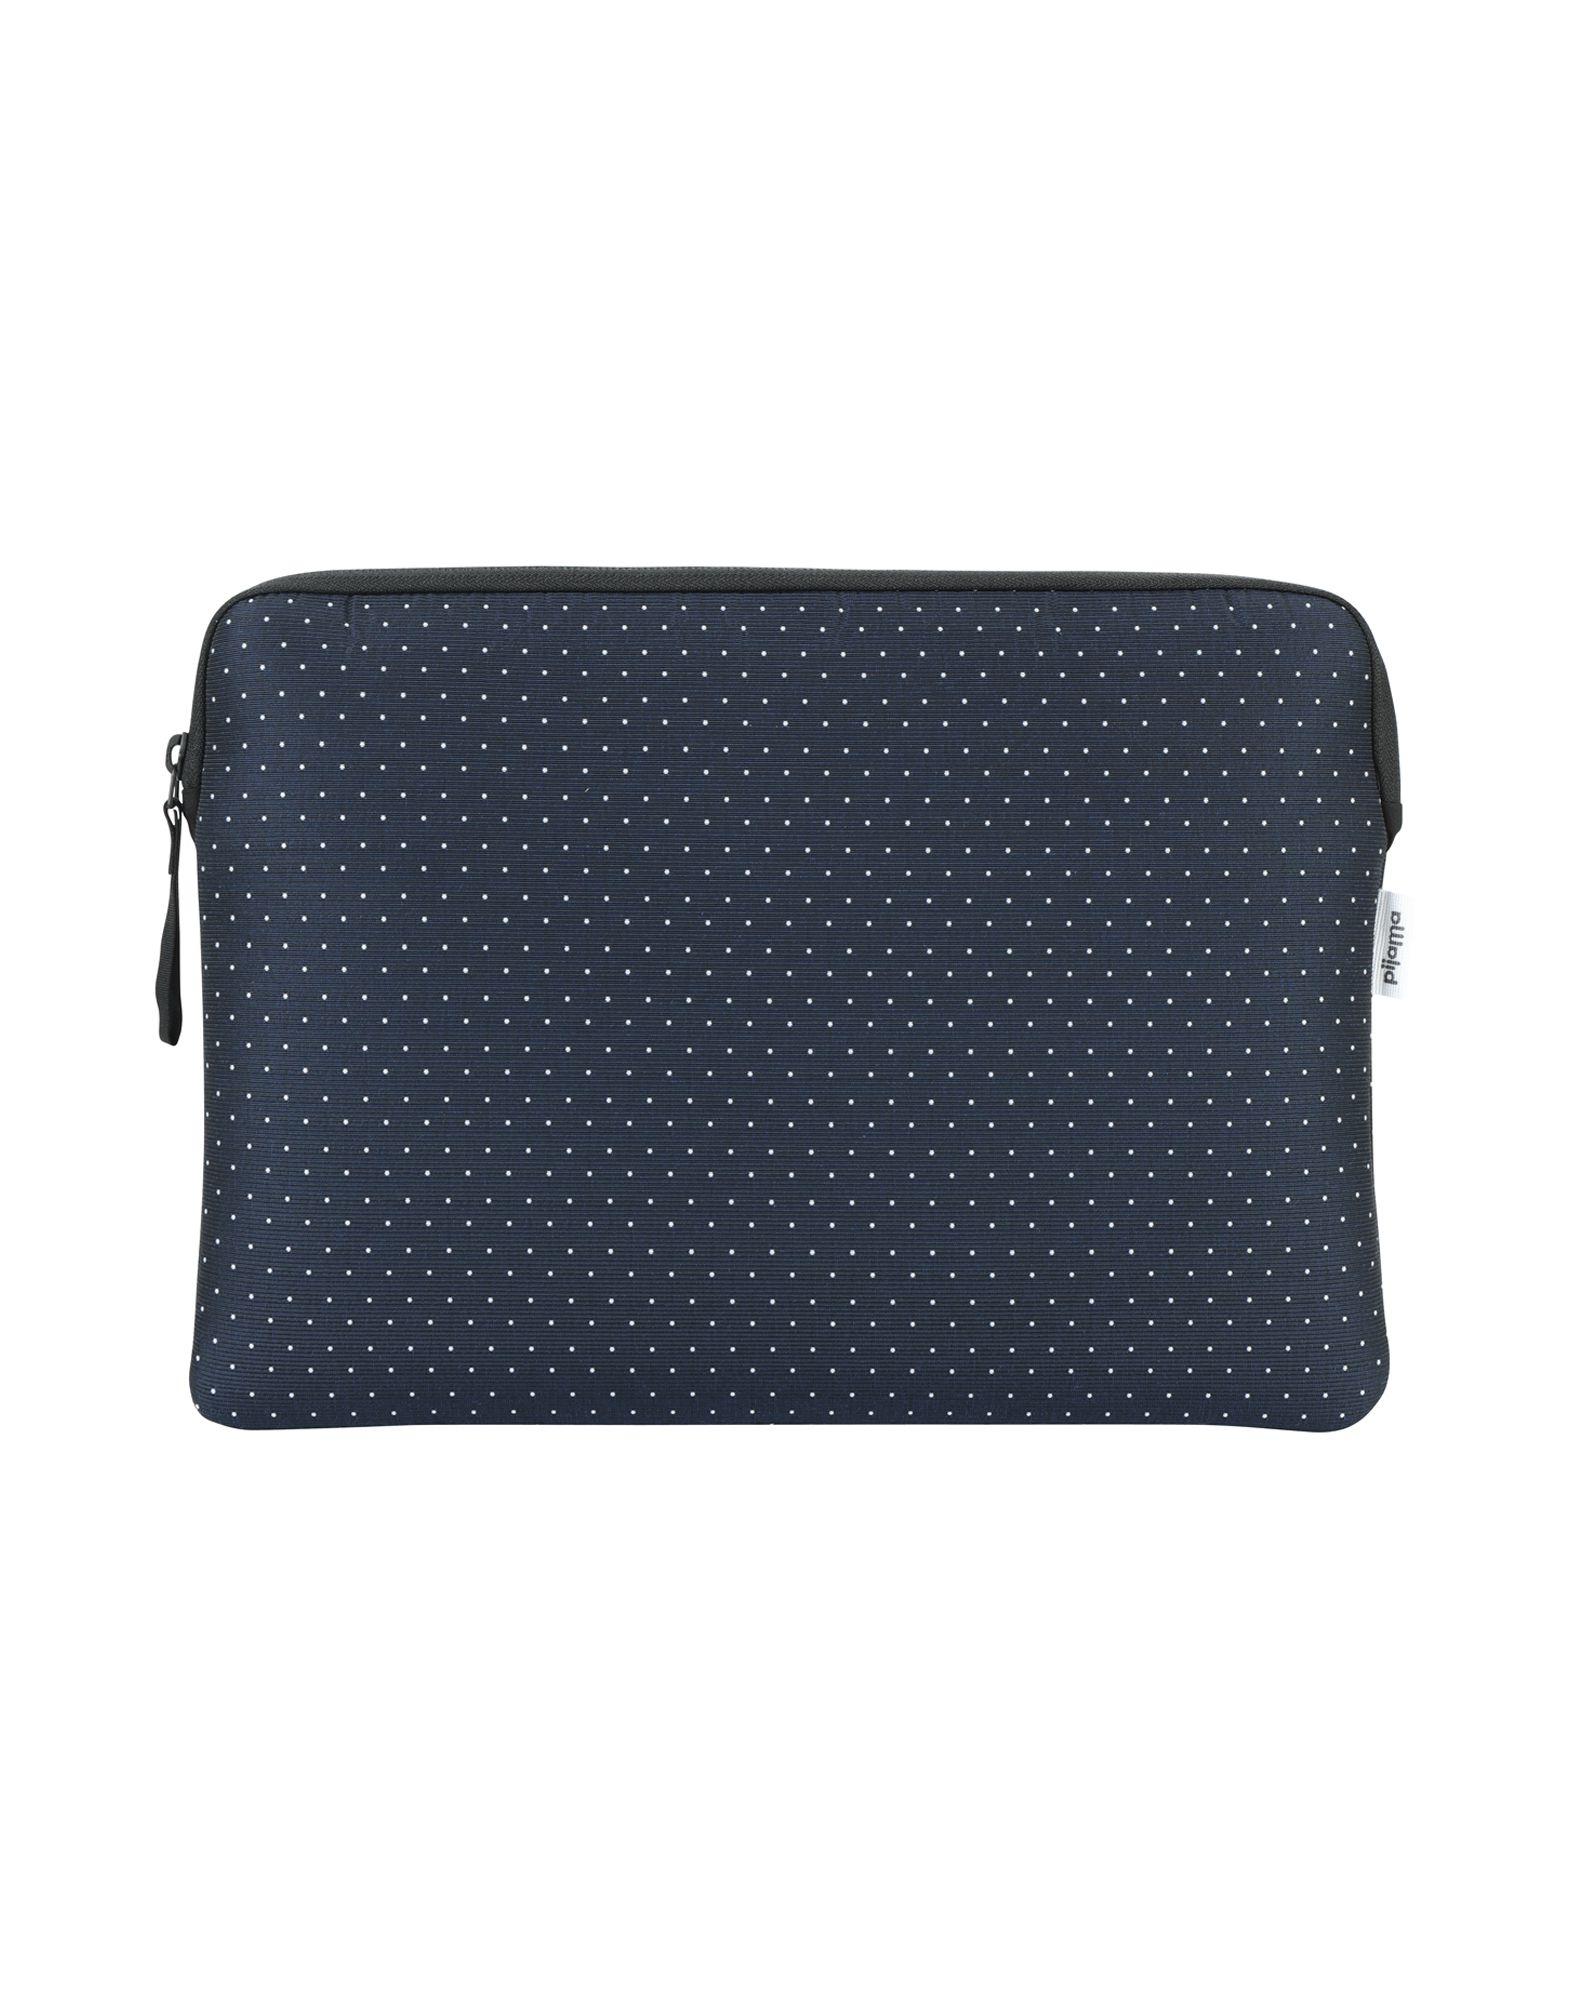 PIJAMA Деловые сумки мужские сумки